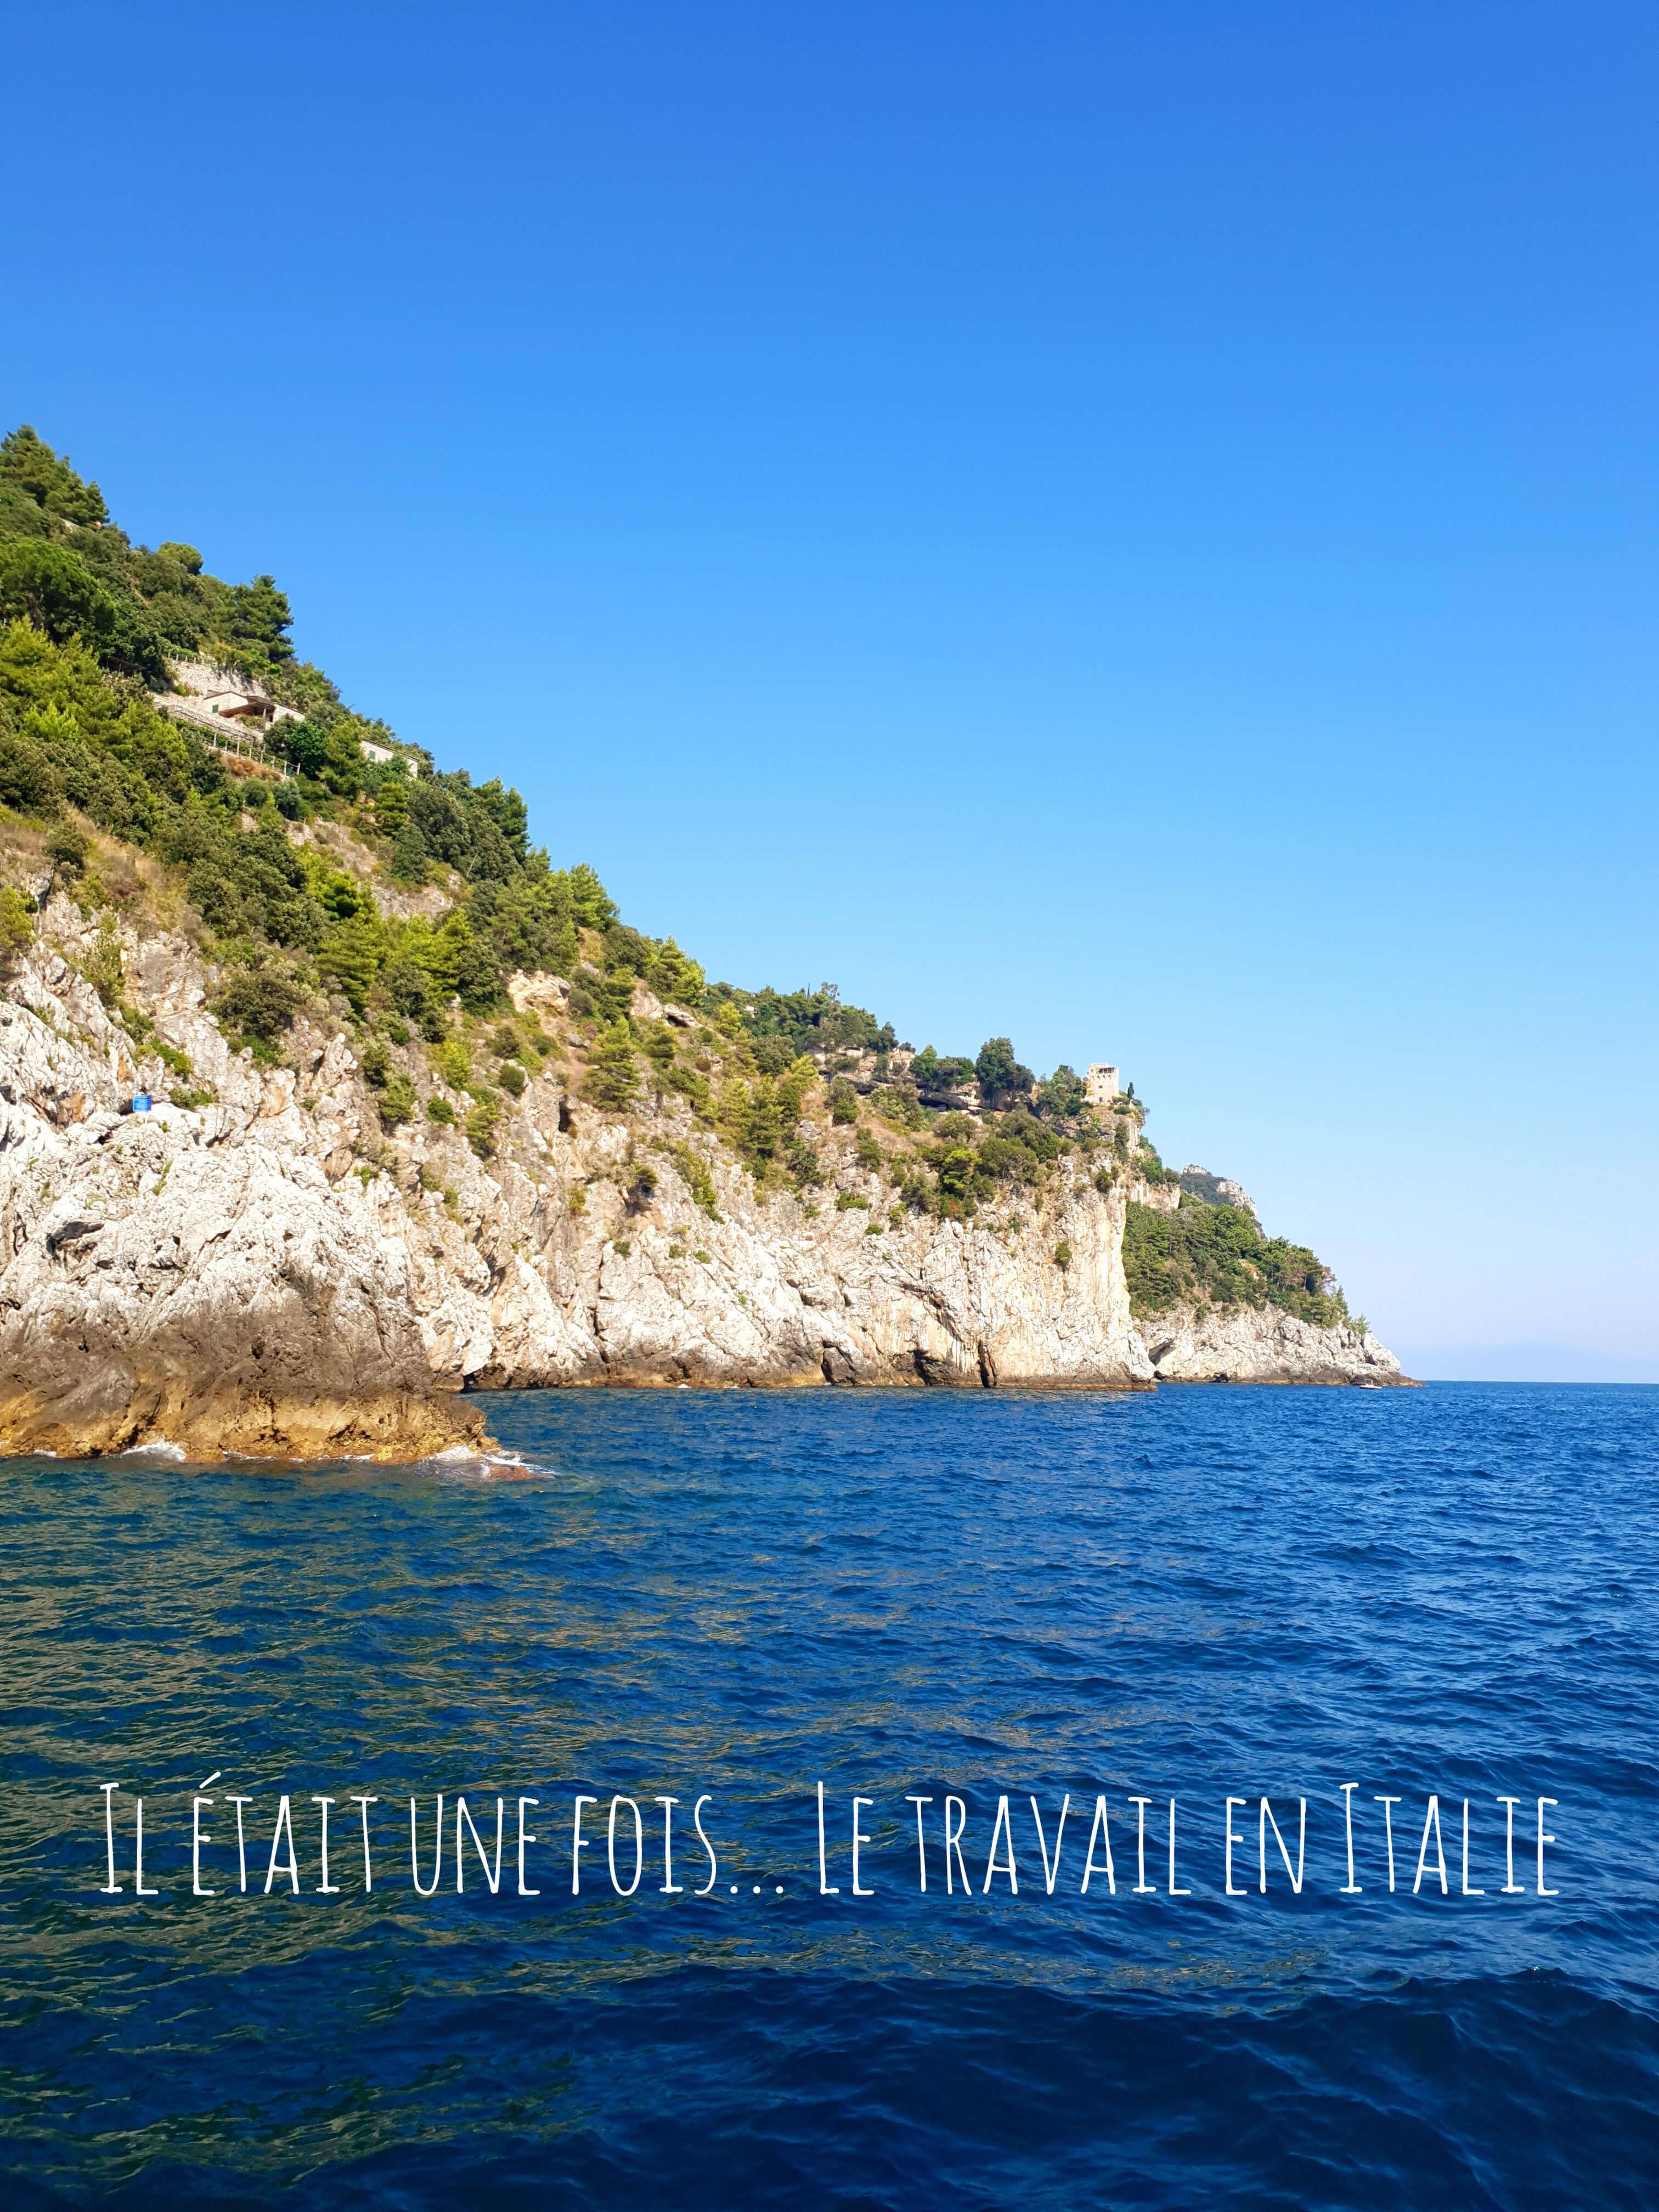 journée en voilier cote amalfitaine italie